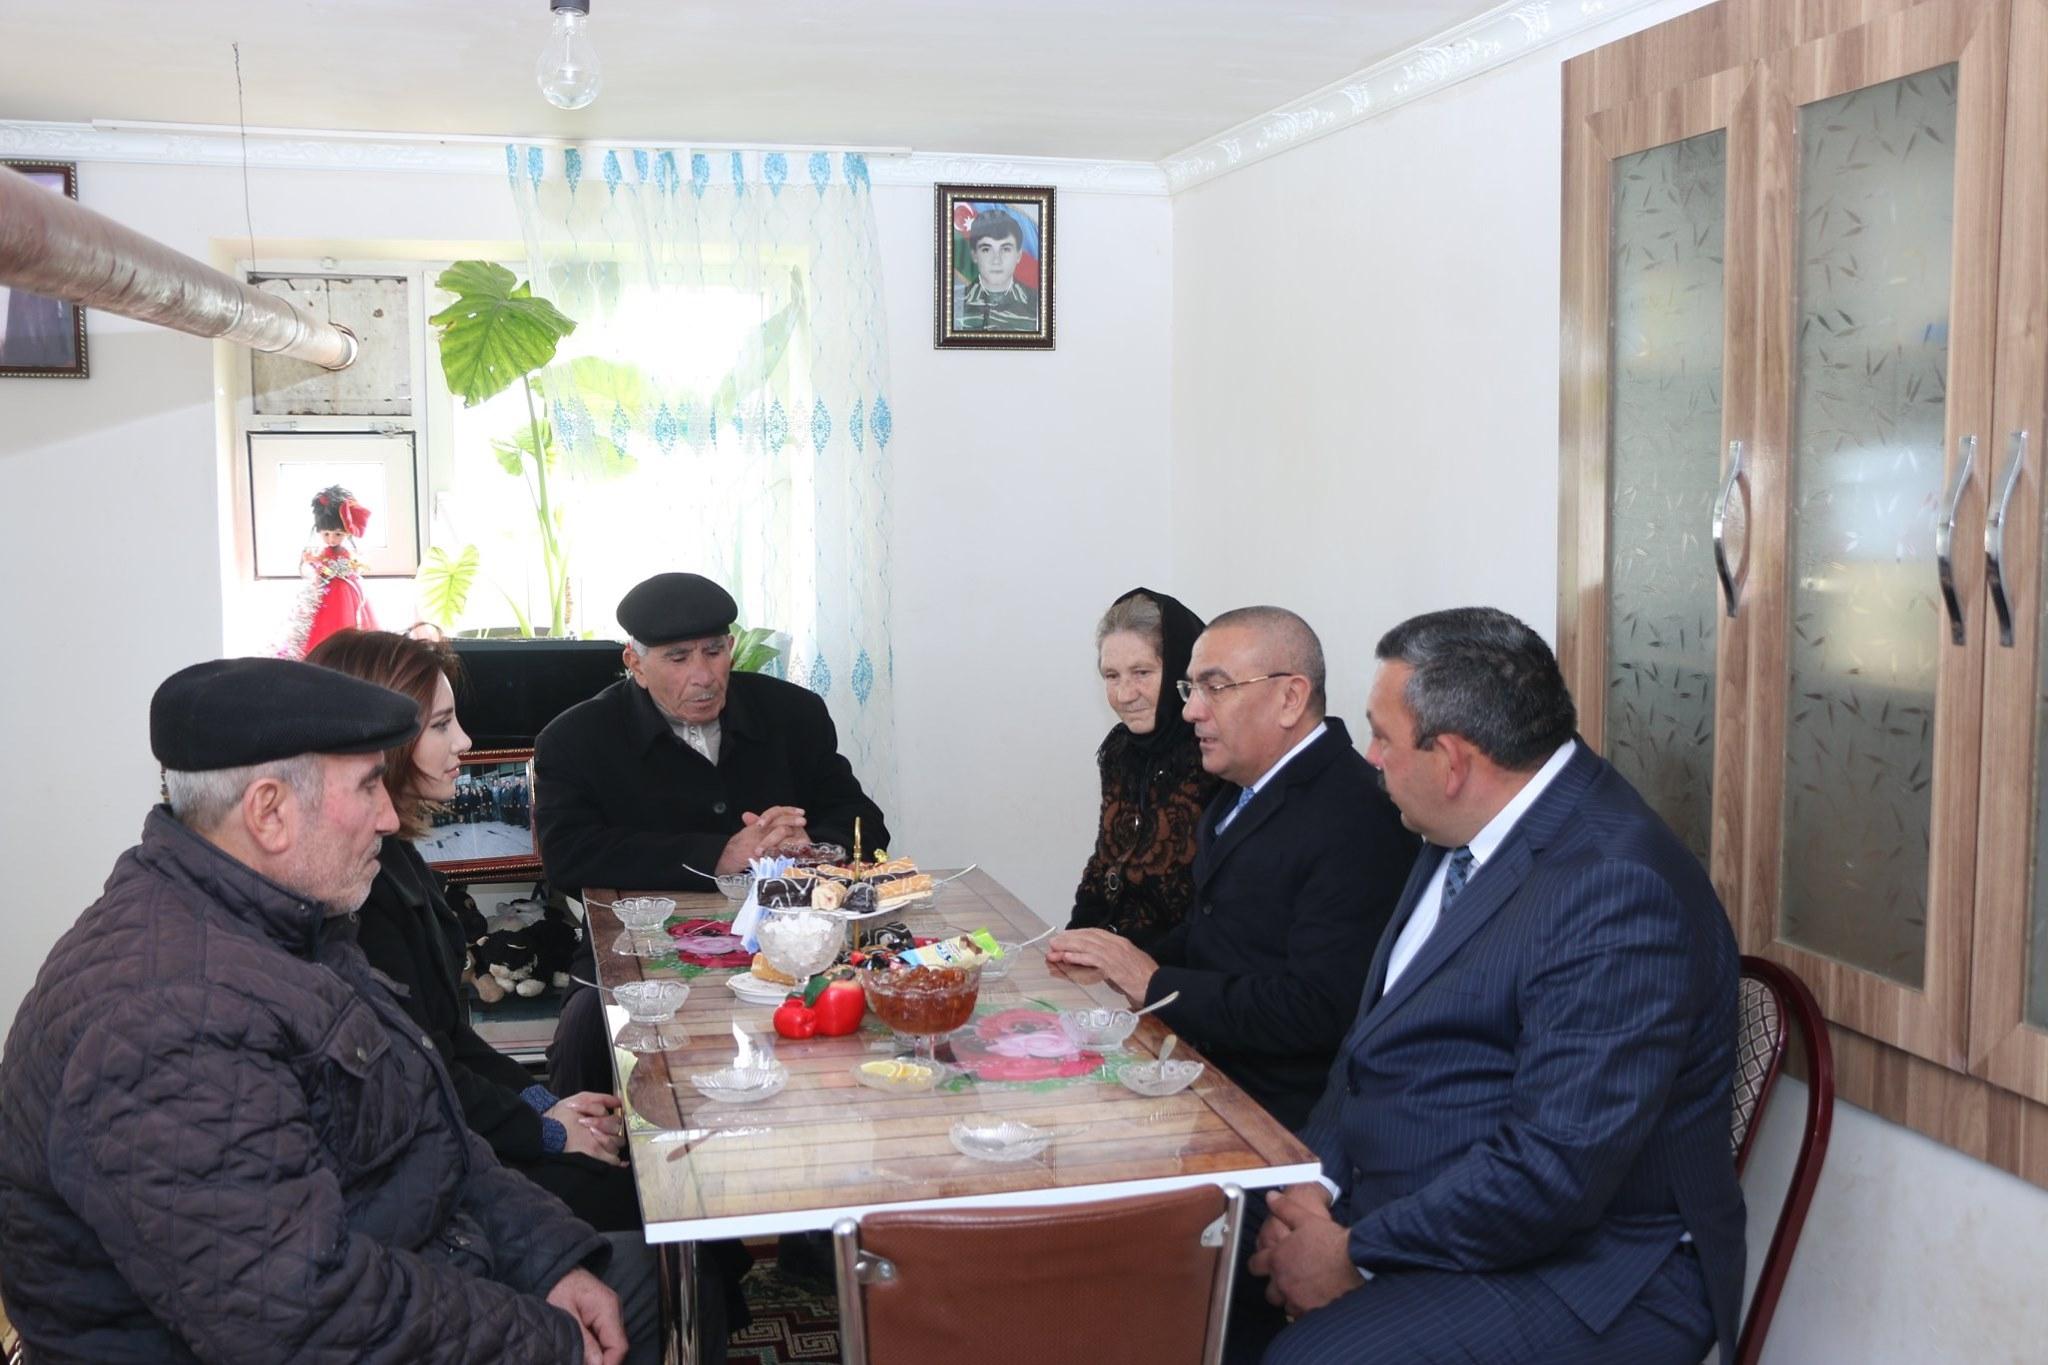 DTX-nın əməliyyatından sonra Şəmkirin icra başçısının bu görüntüləri yayıldı — FOTO